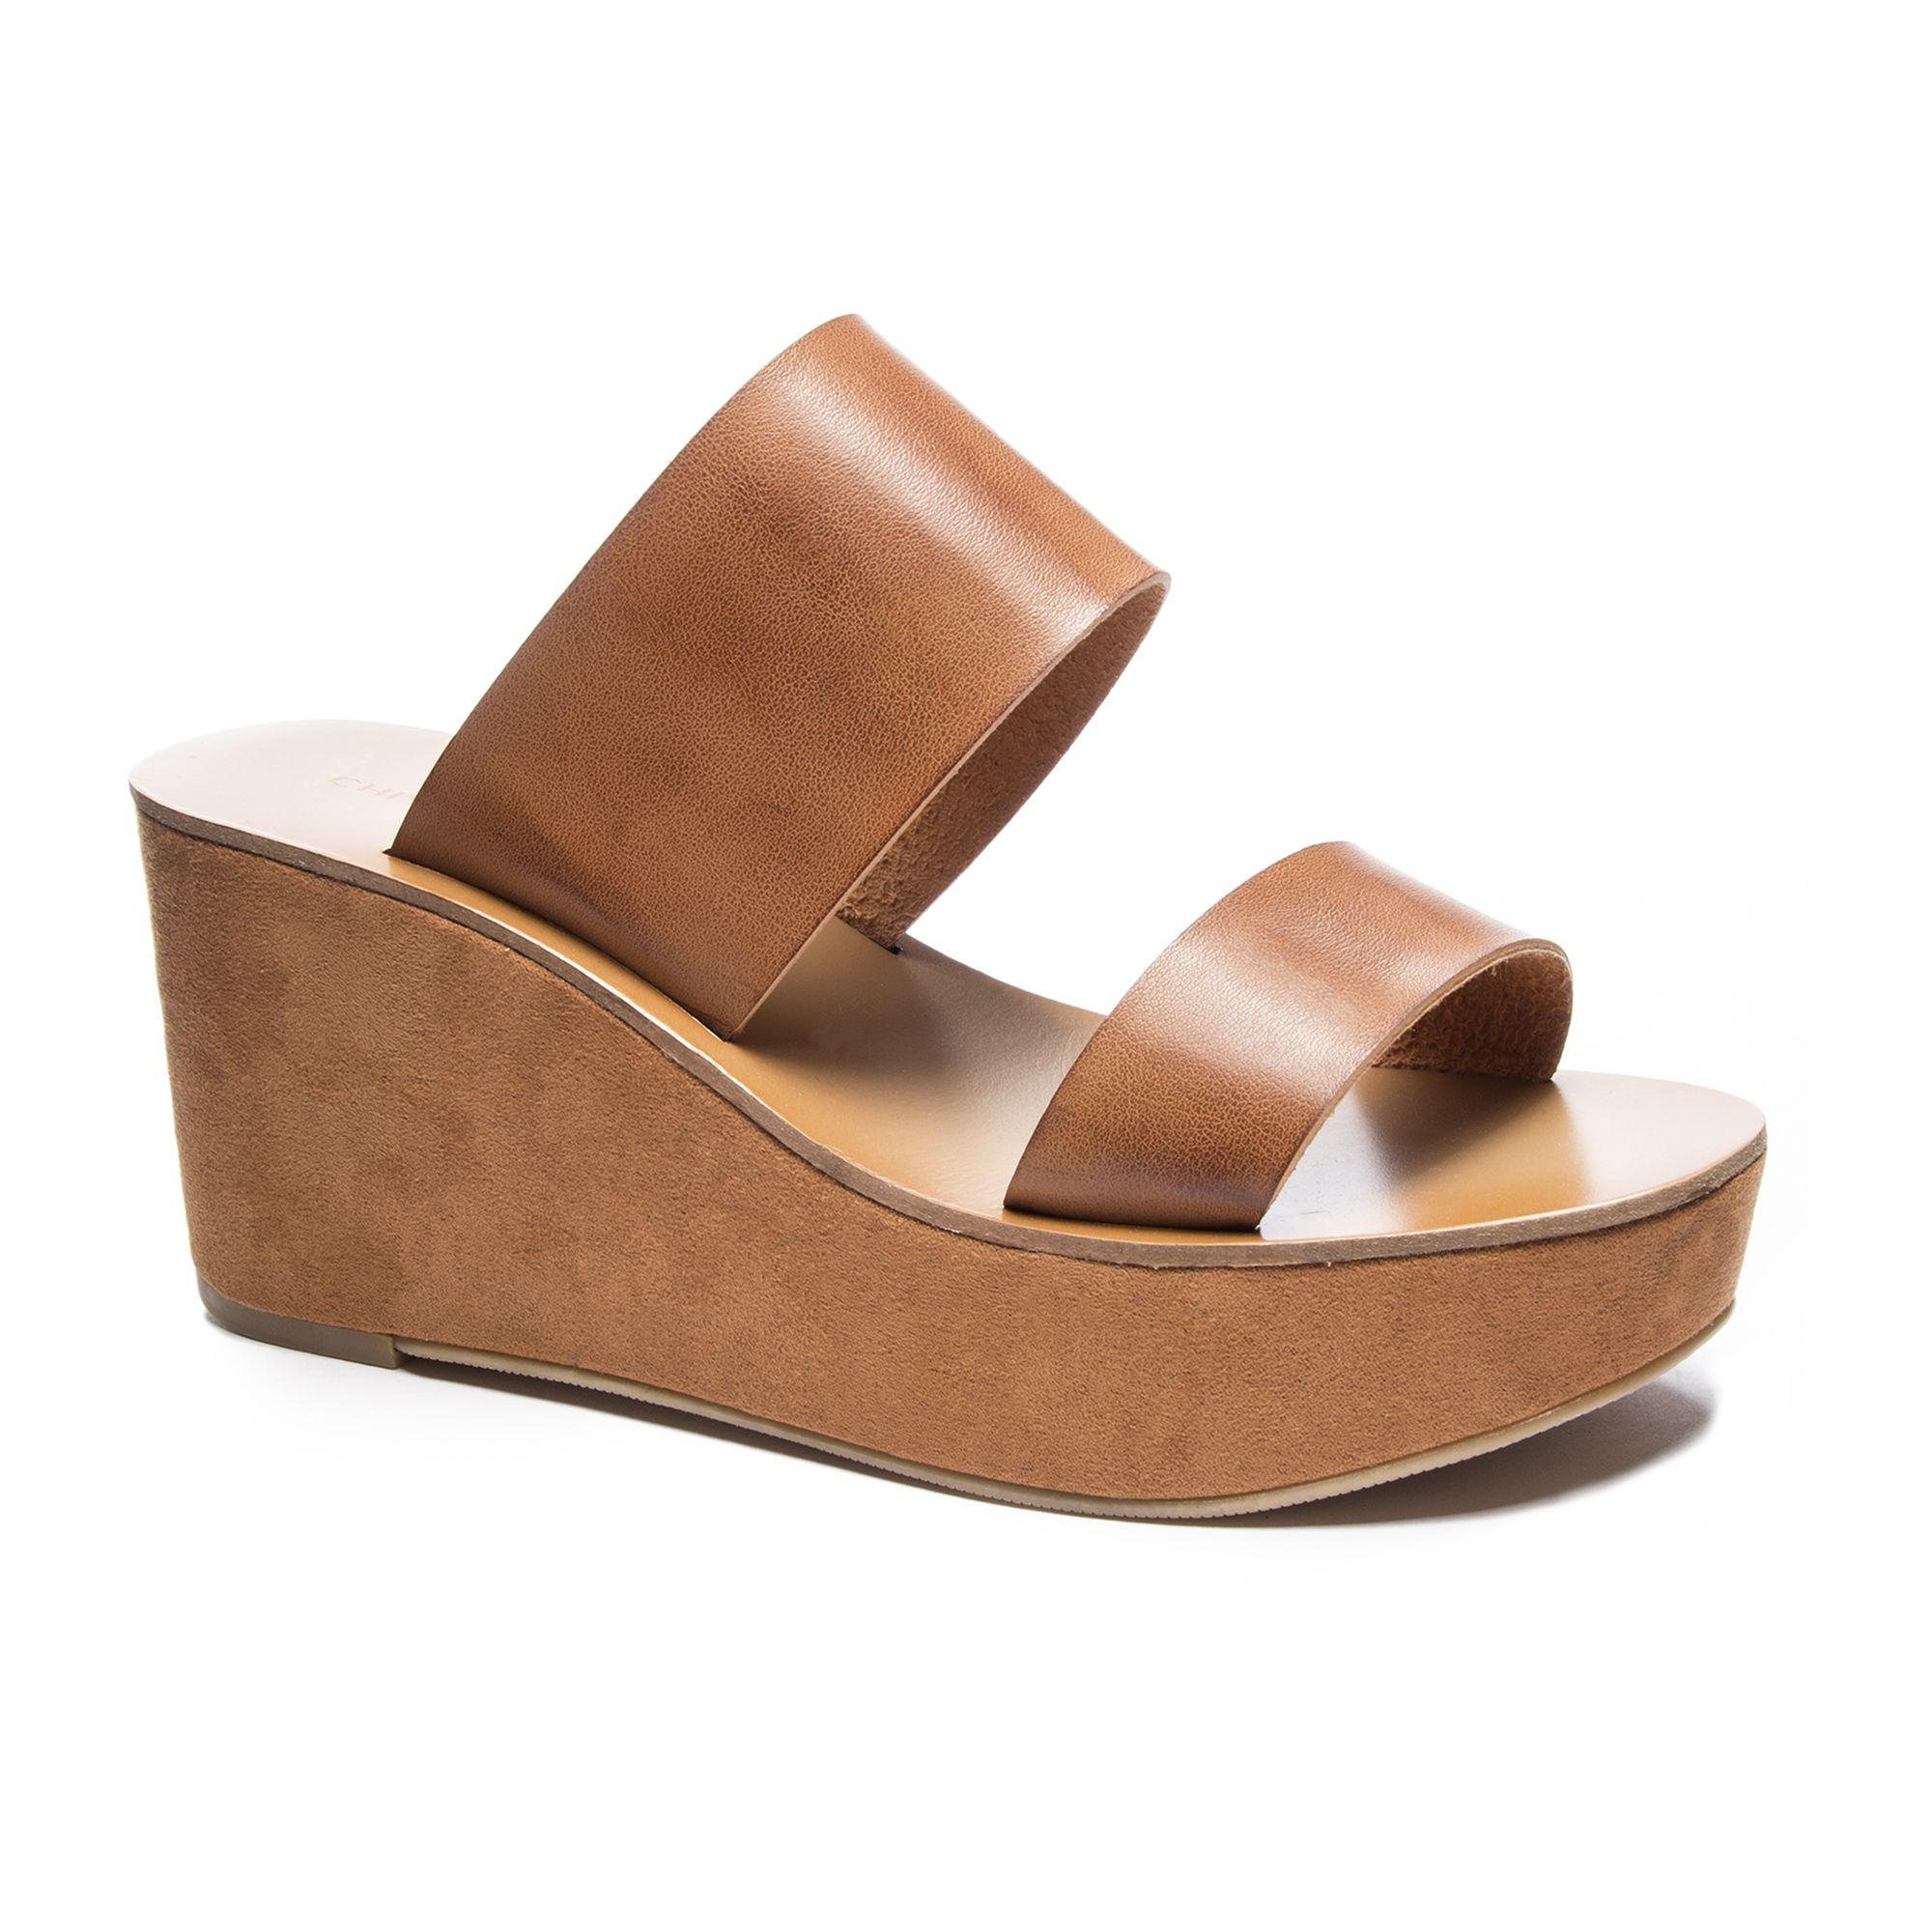 d89b0fd0749 Ollie Wedge Slide Sandal